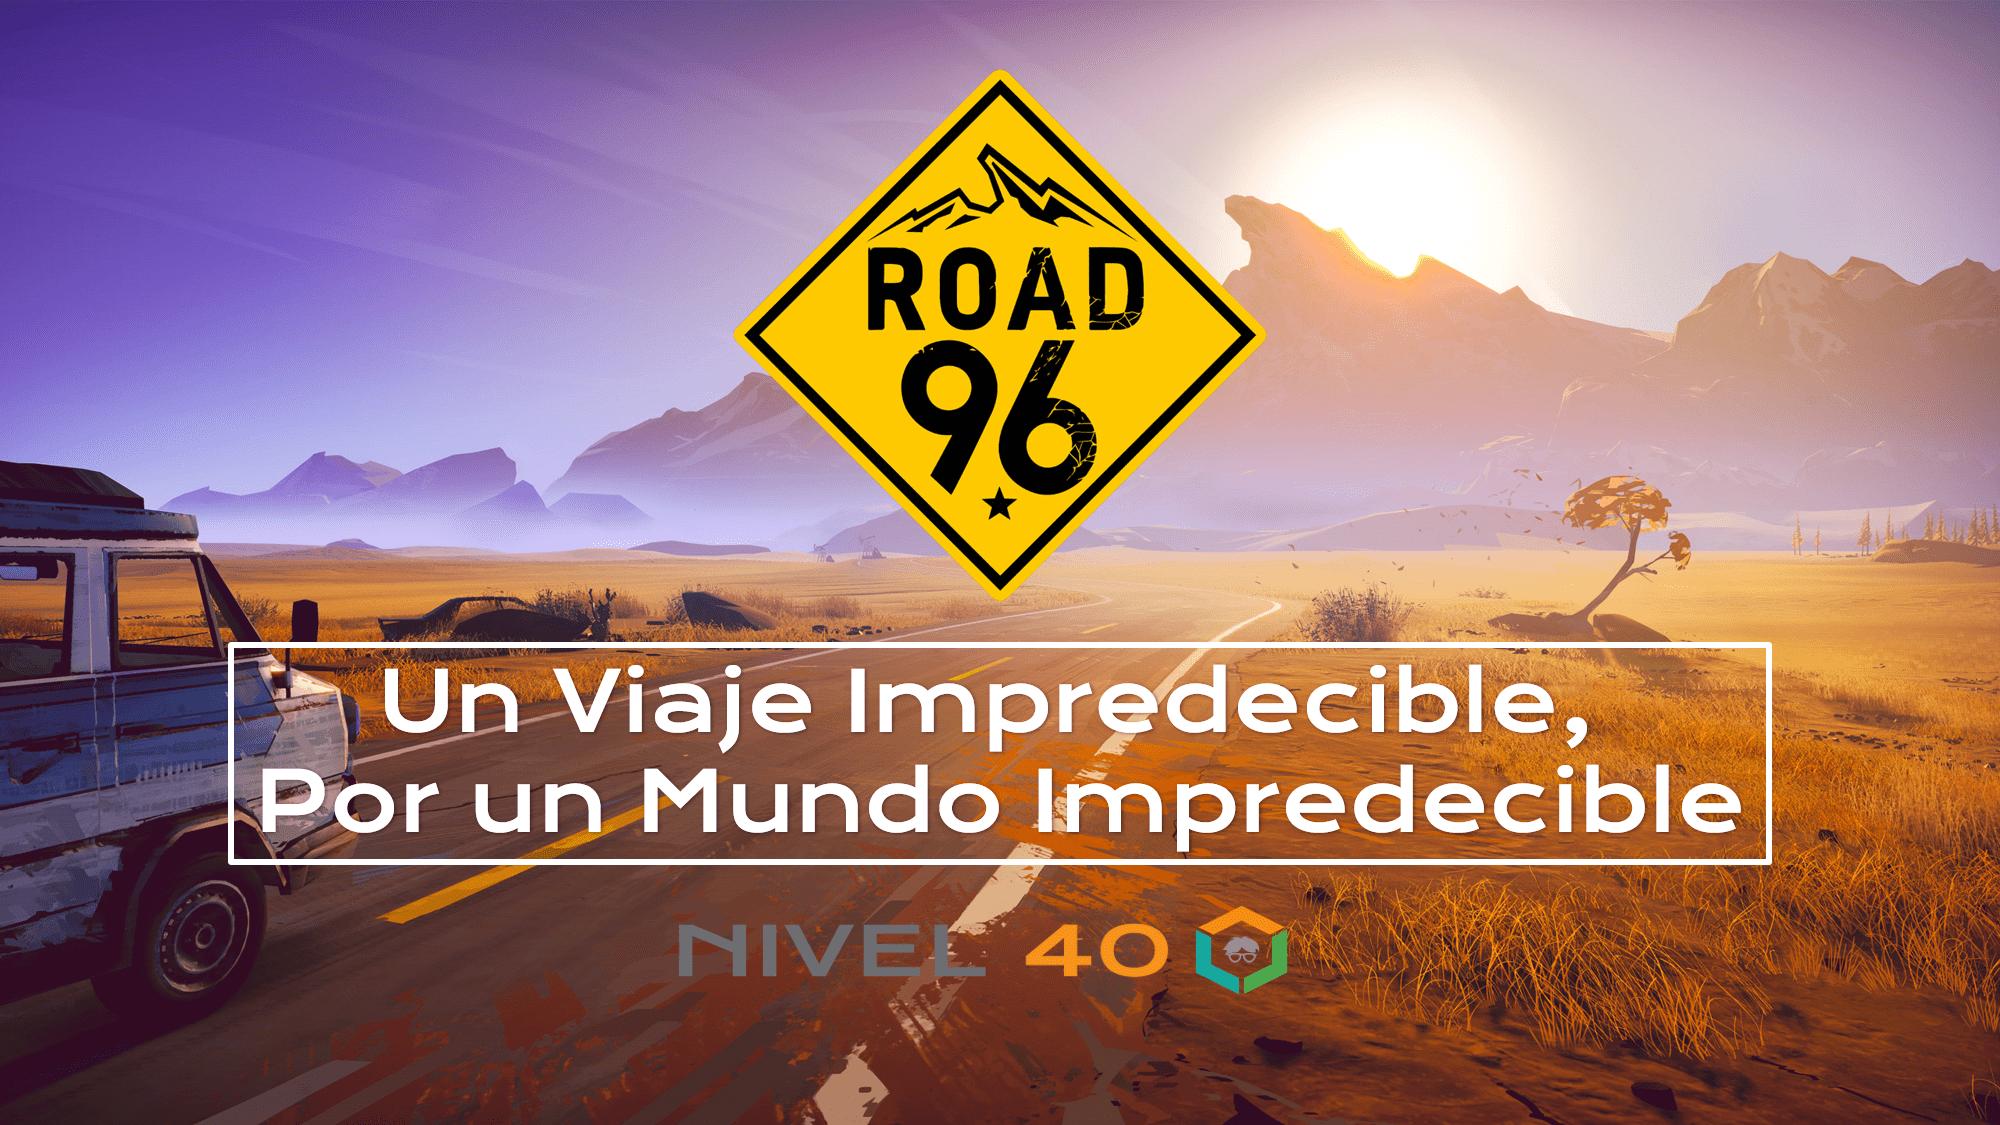 Road 96 Un Viaje Impredecible